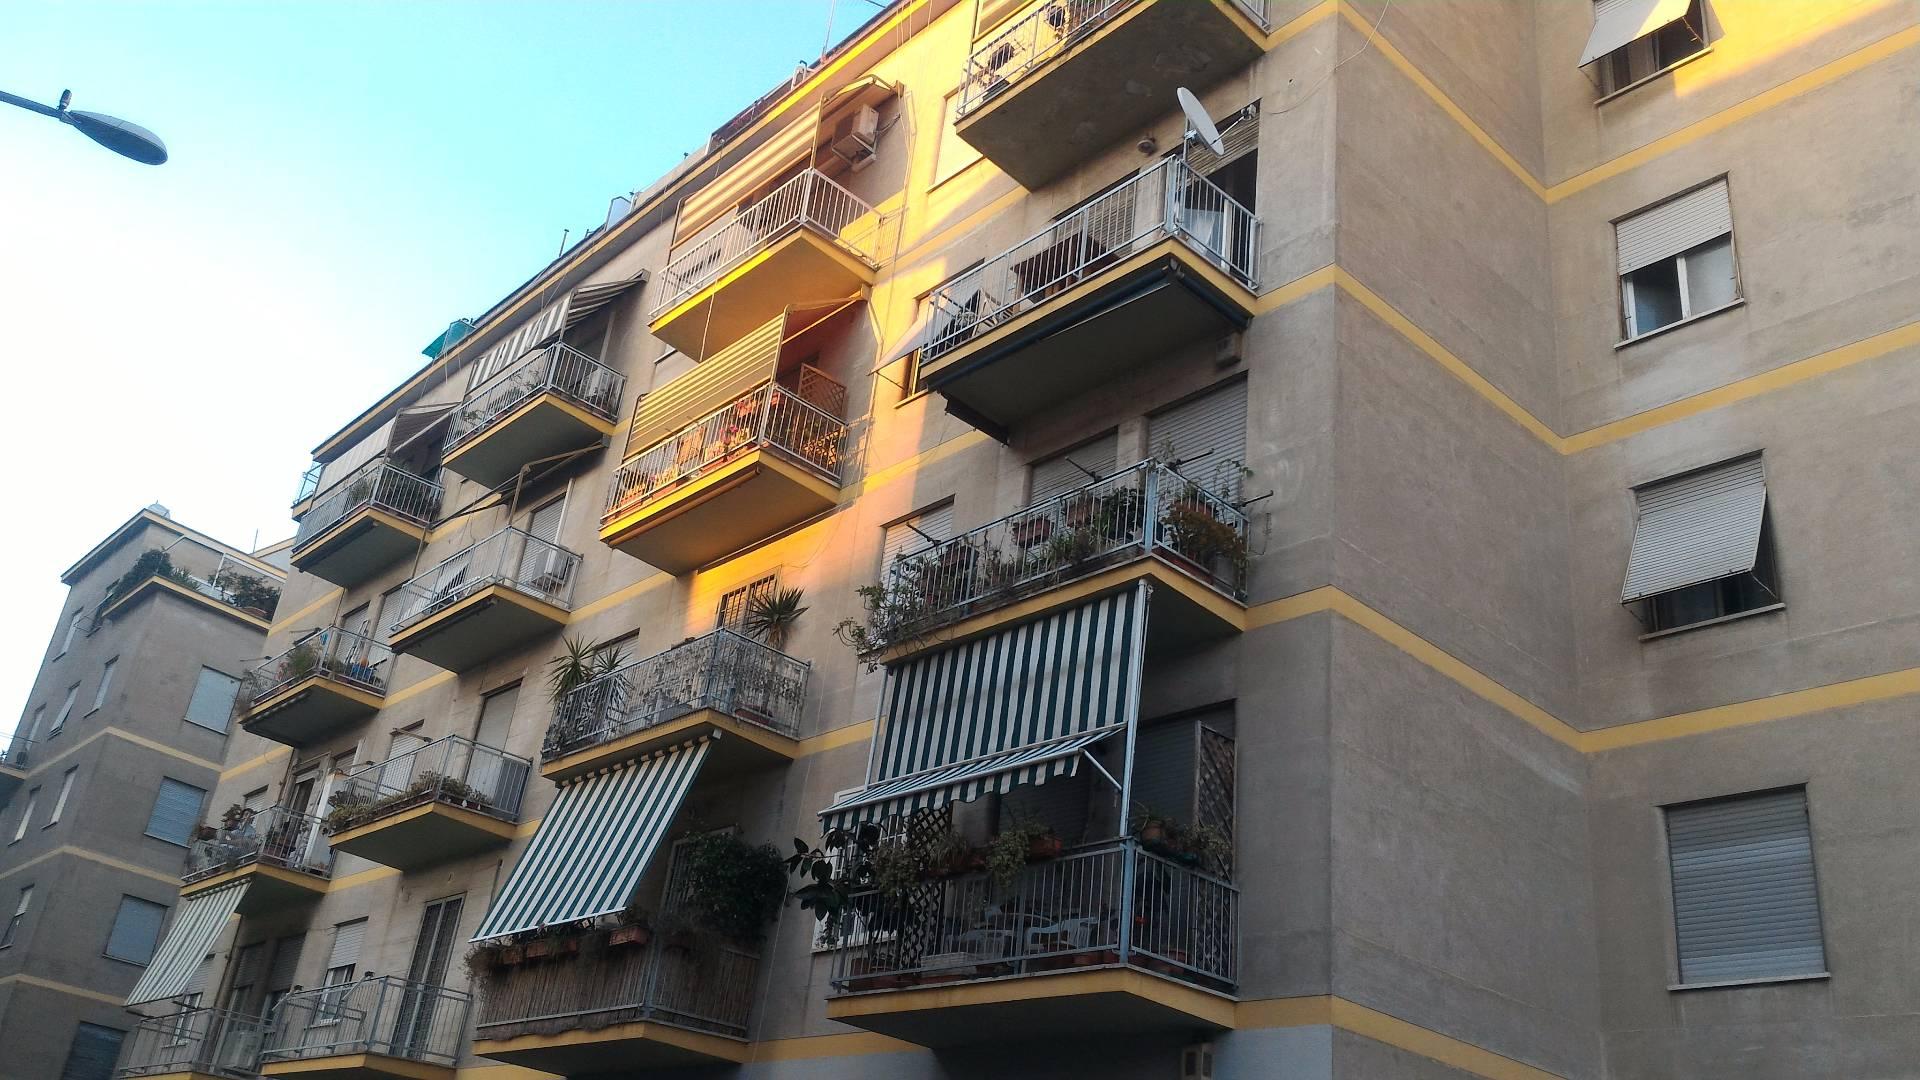 17492 Appartamento in vendita Roma Garbatella